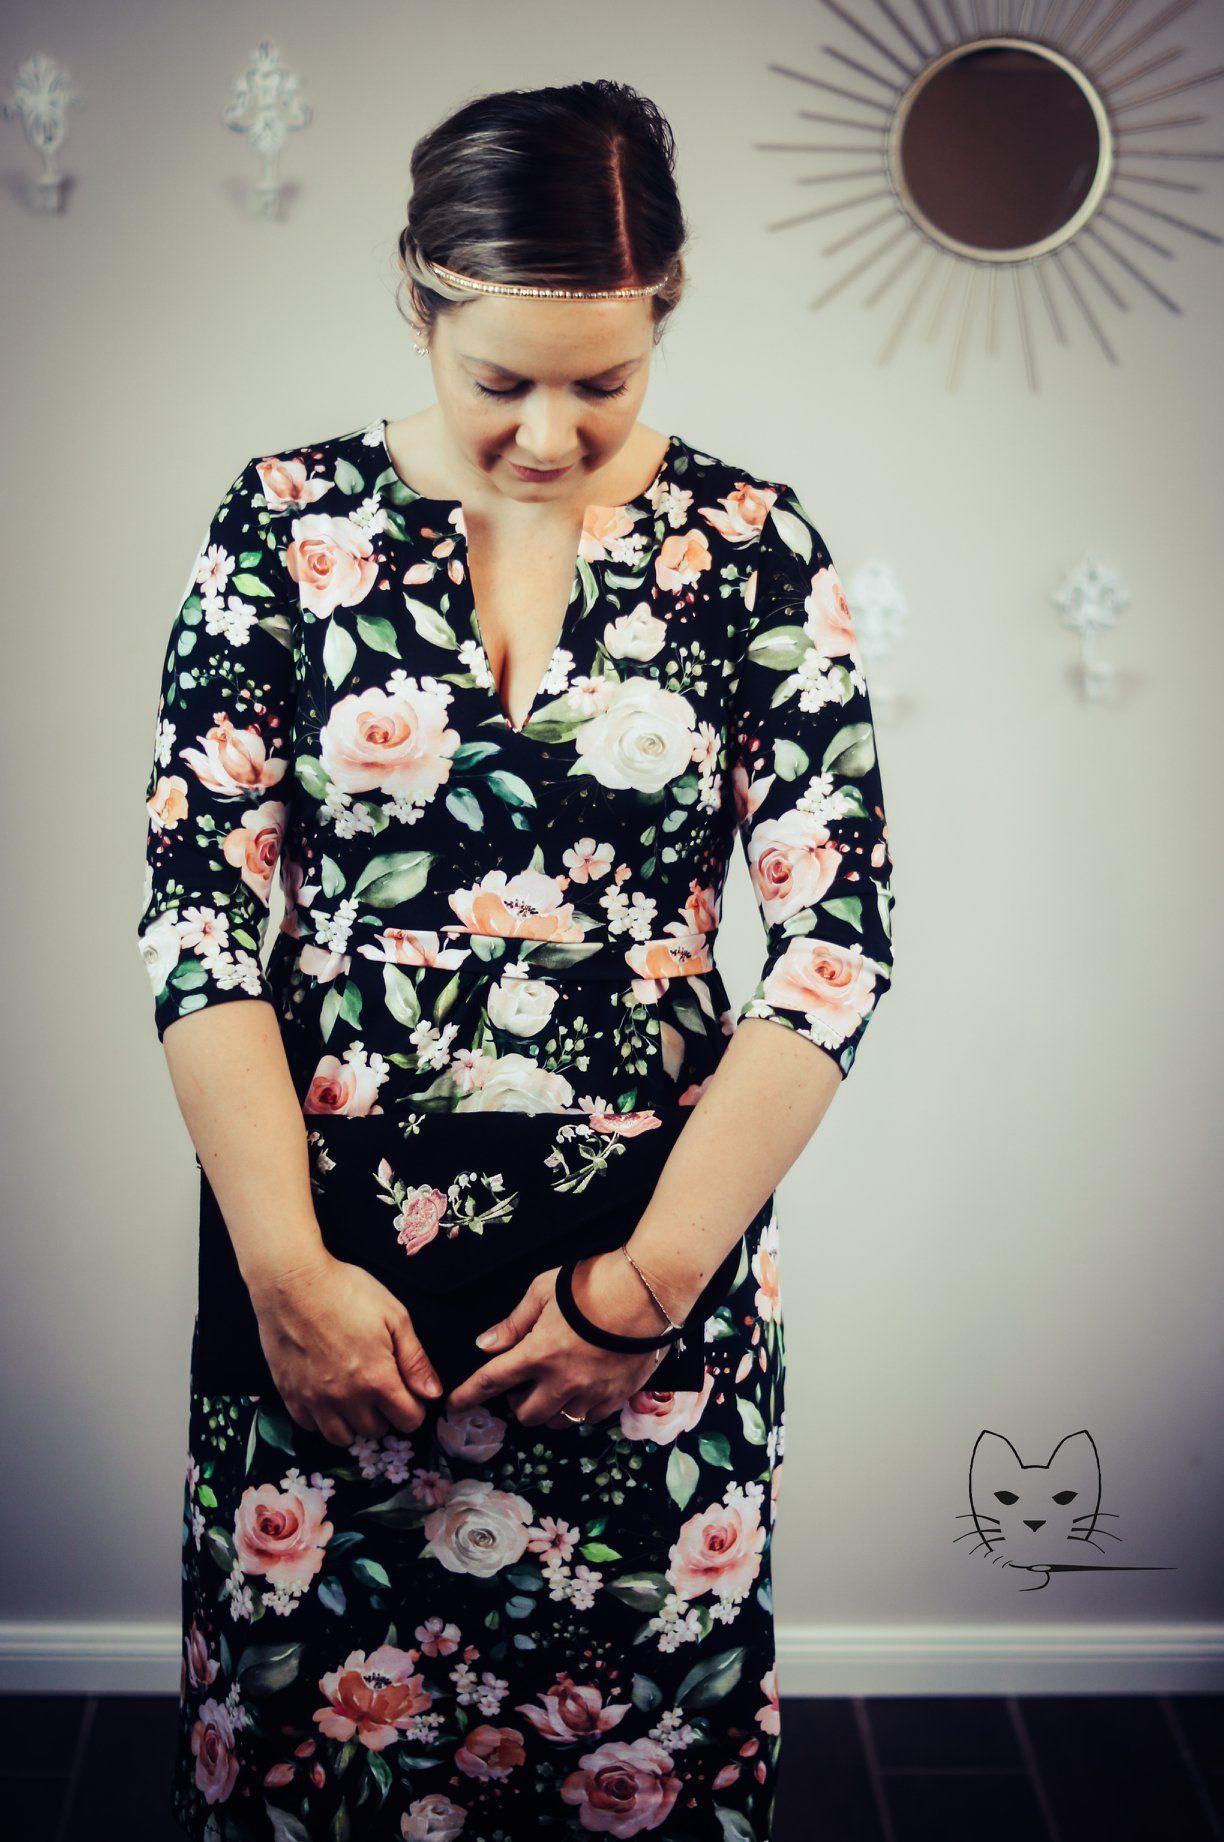 Blumiges Frühlings-Kleid Nähen #wickelkleidmuster Blumige - Abendkleid